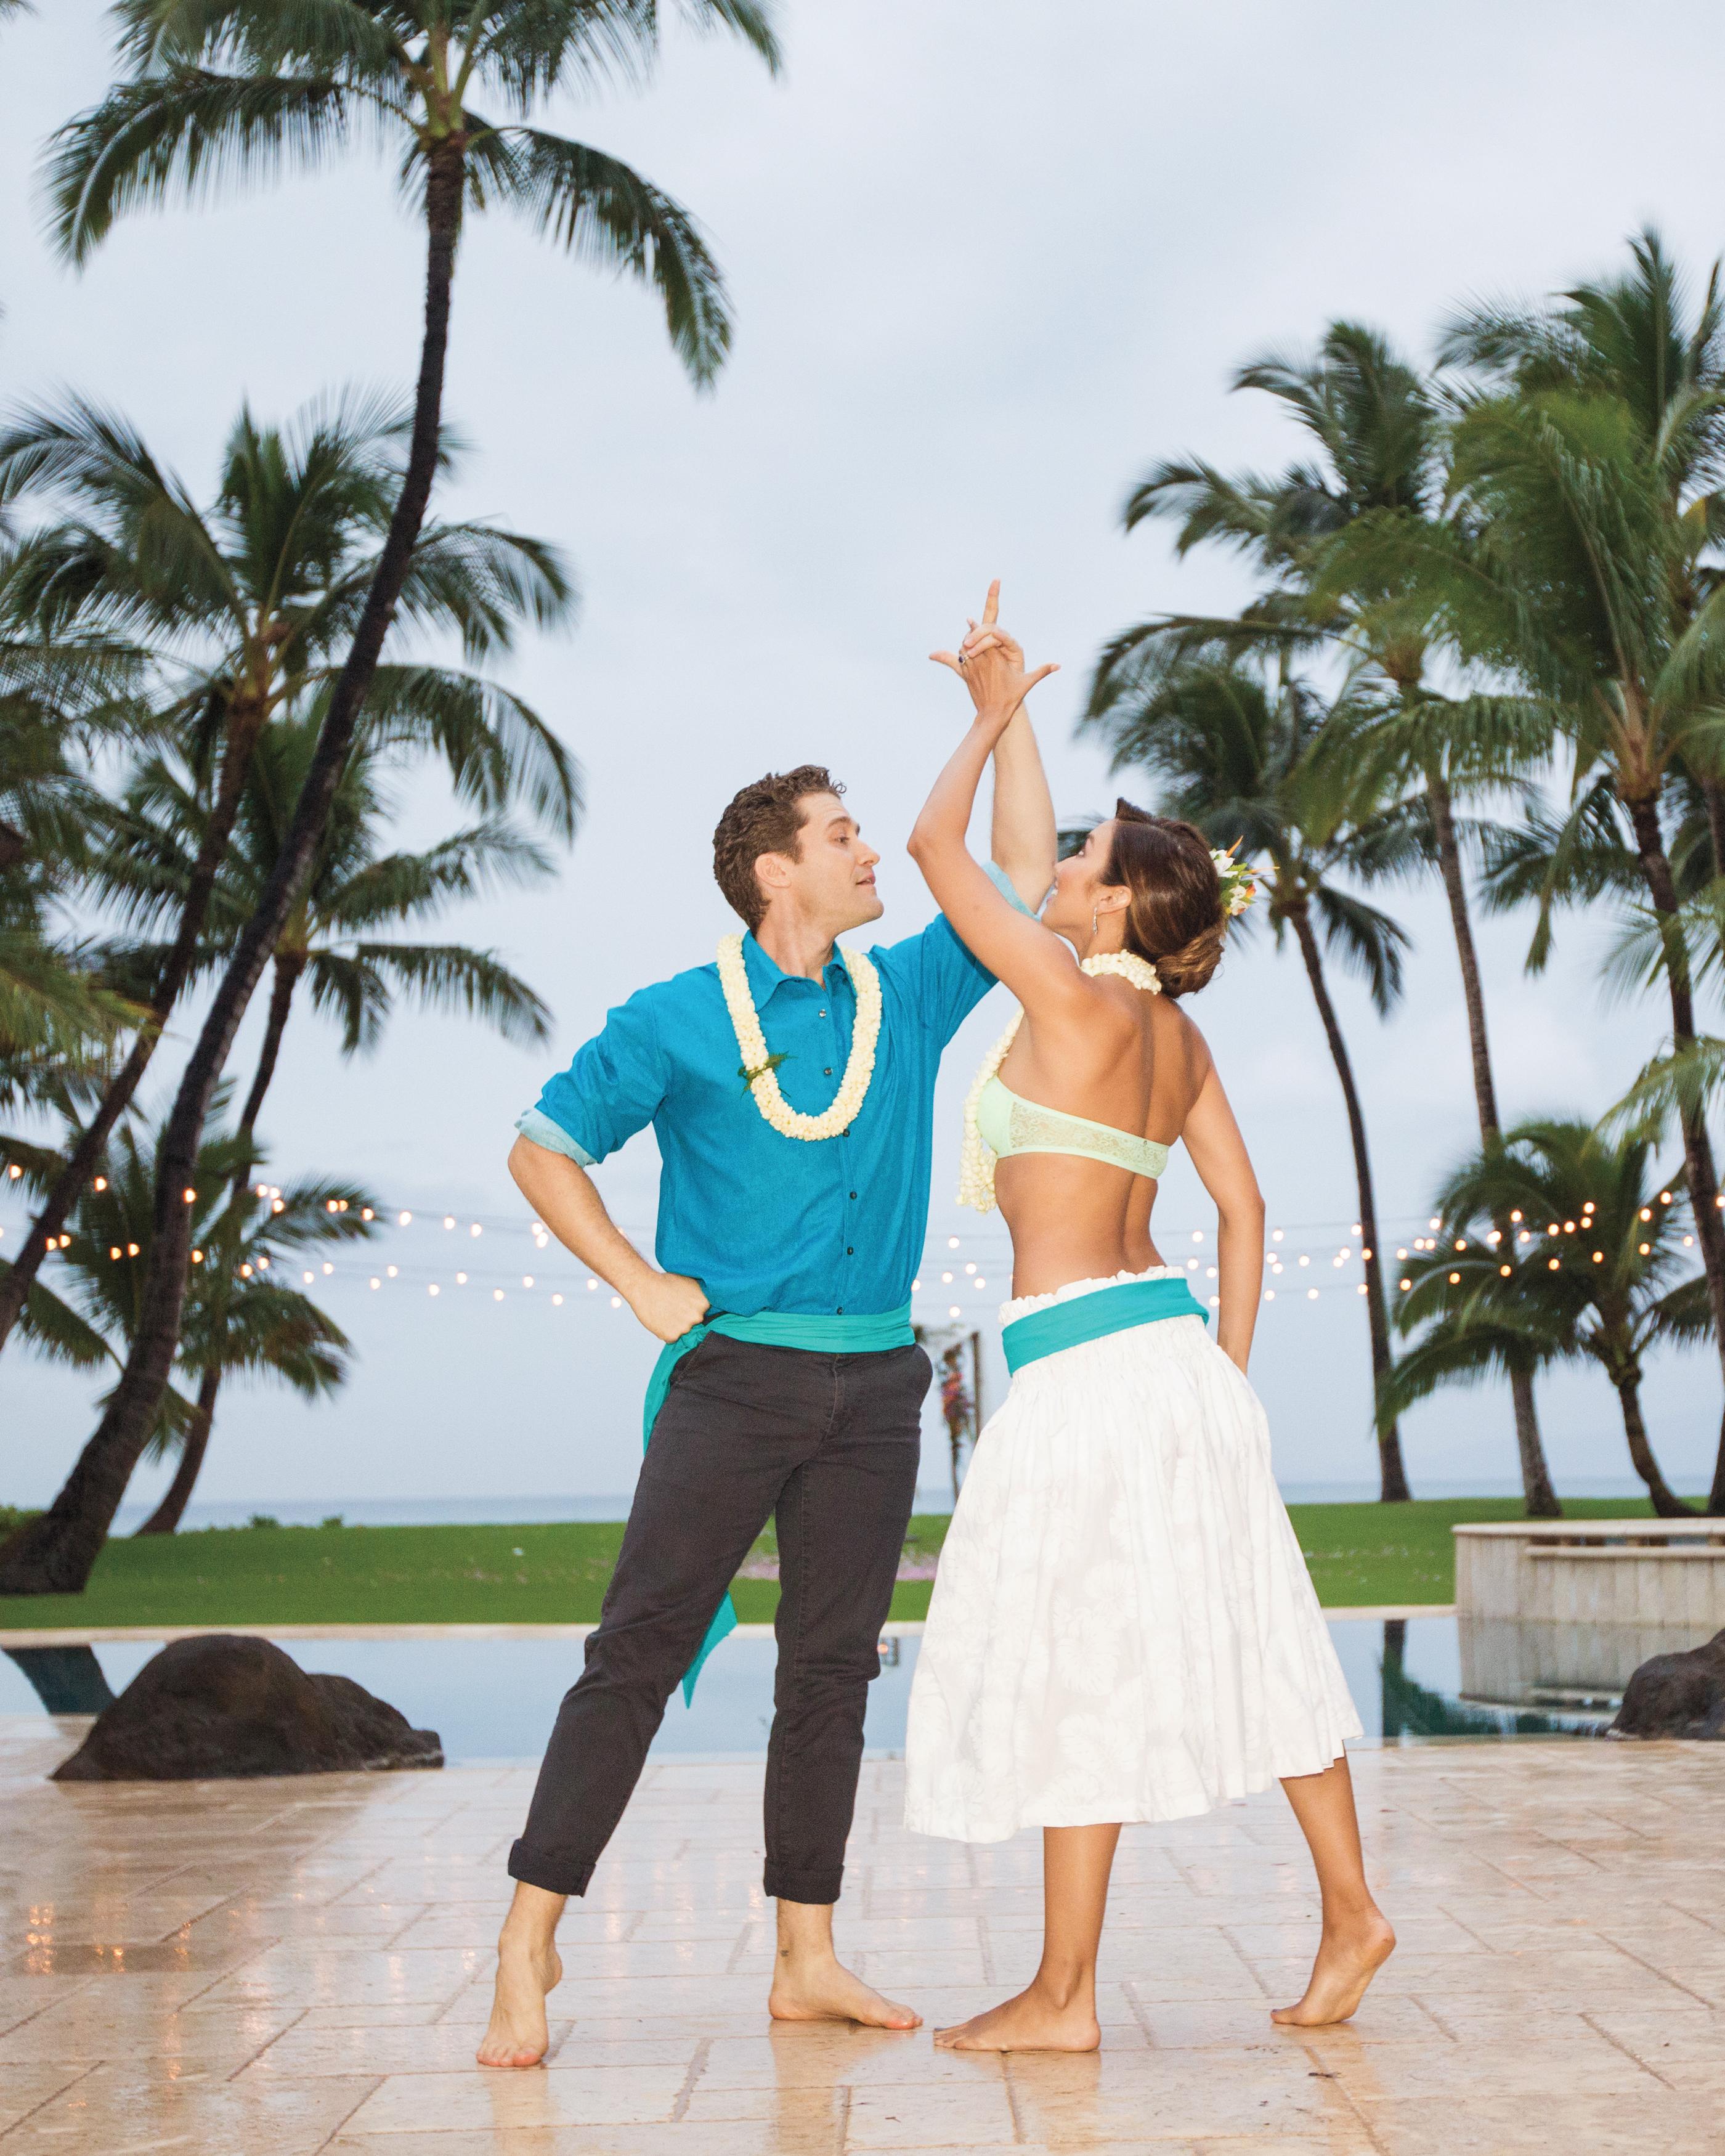 renee-matthew-wedding-maui-hawaii-w6042-s111851.jpg